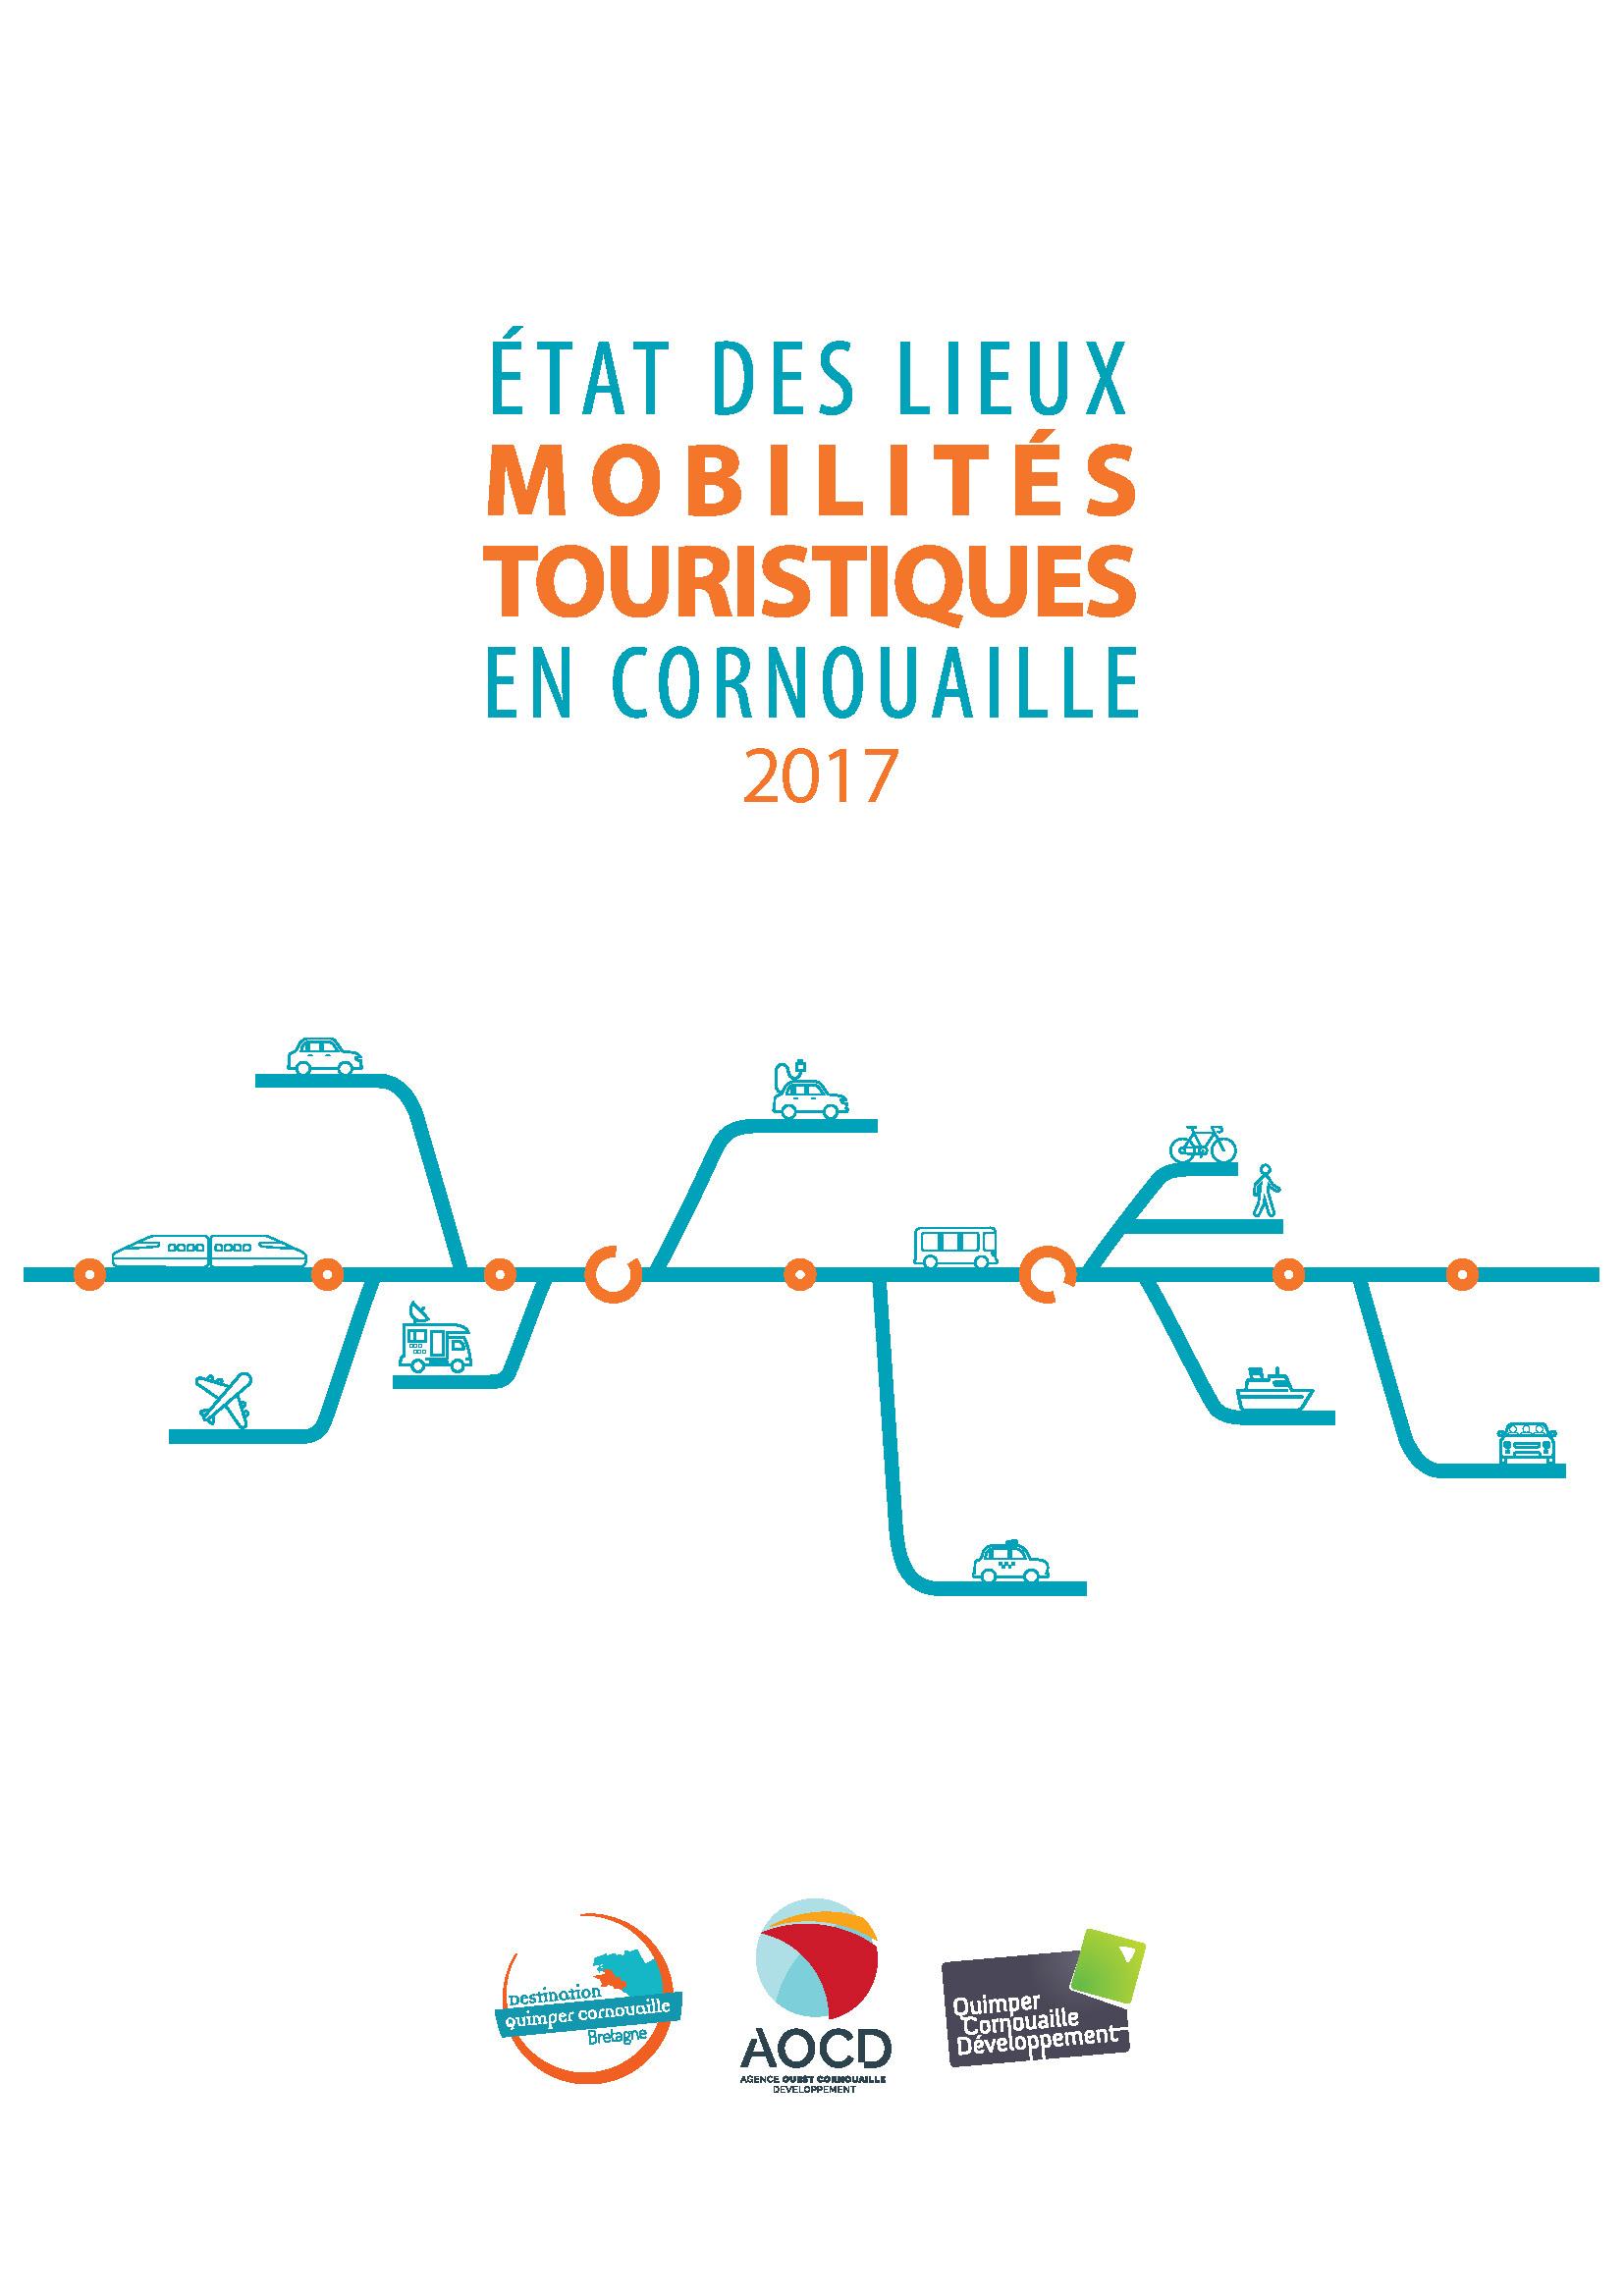 Etat des lieux. Mobilités touristiques en Cornouaille. 2017